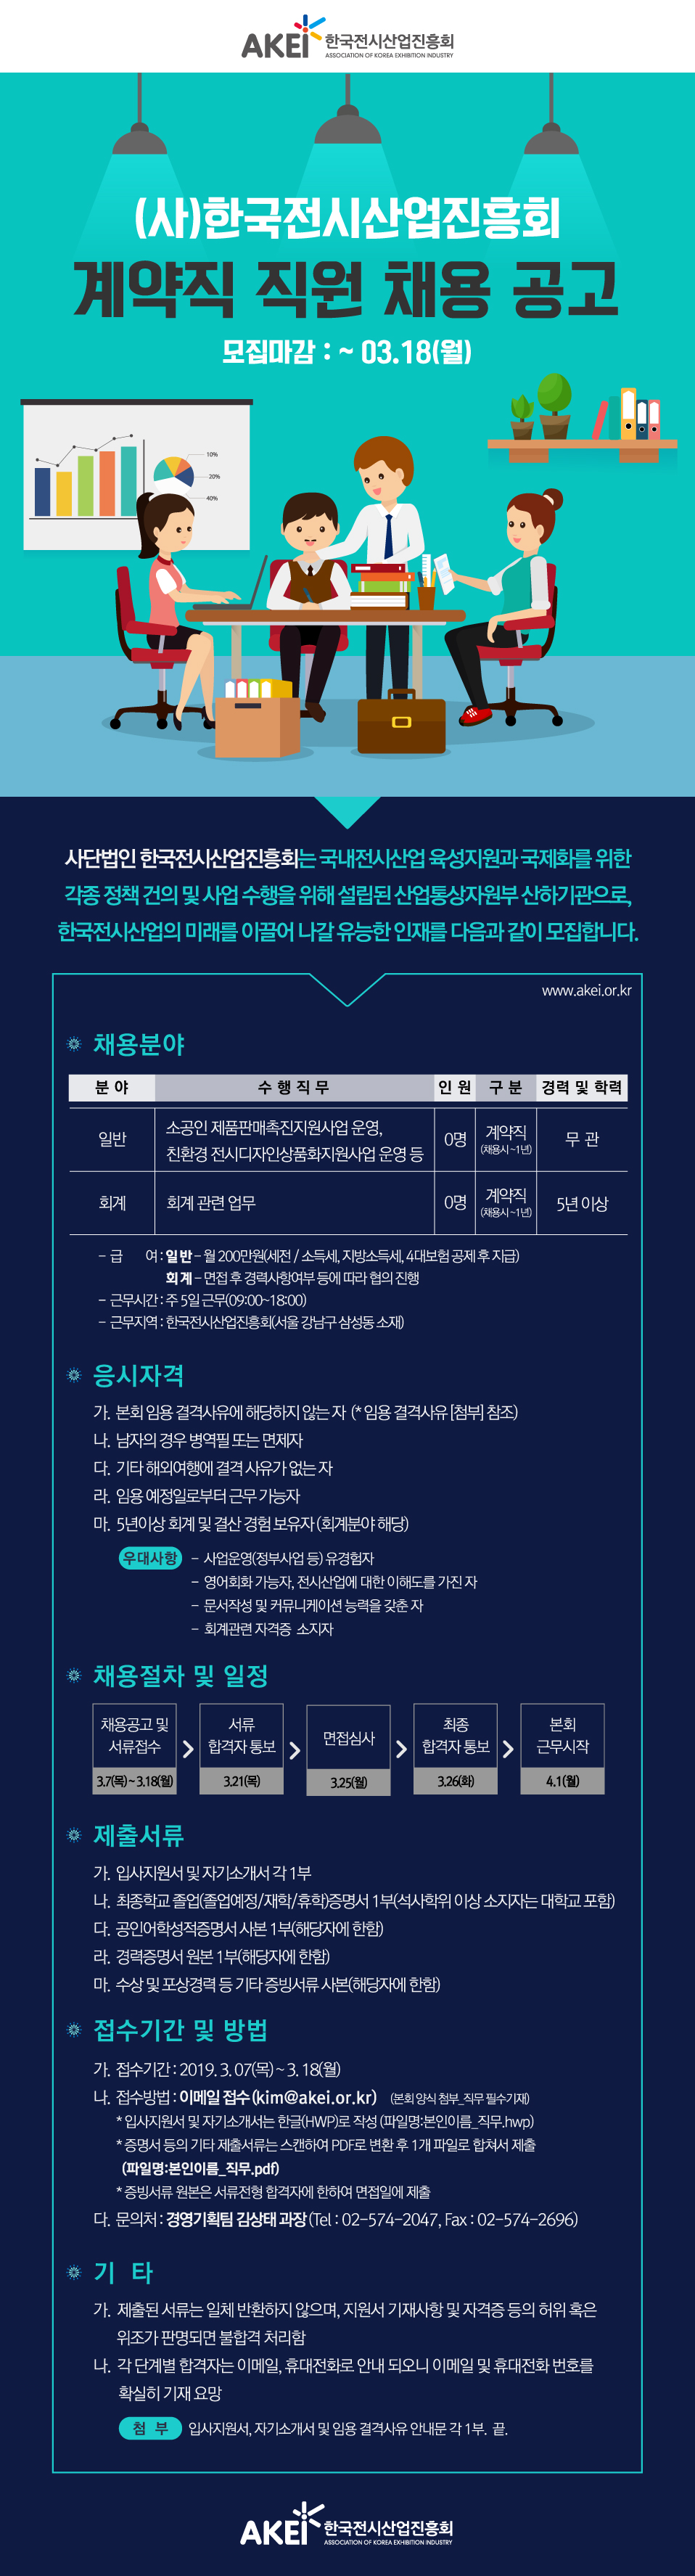 한국전시산업진흥회-계약직-공고문_완전최종.jpg